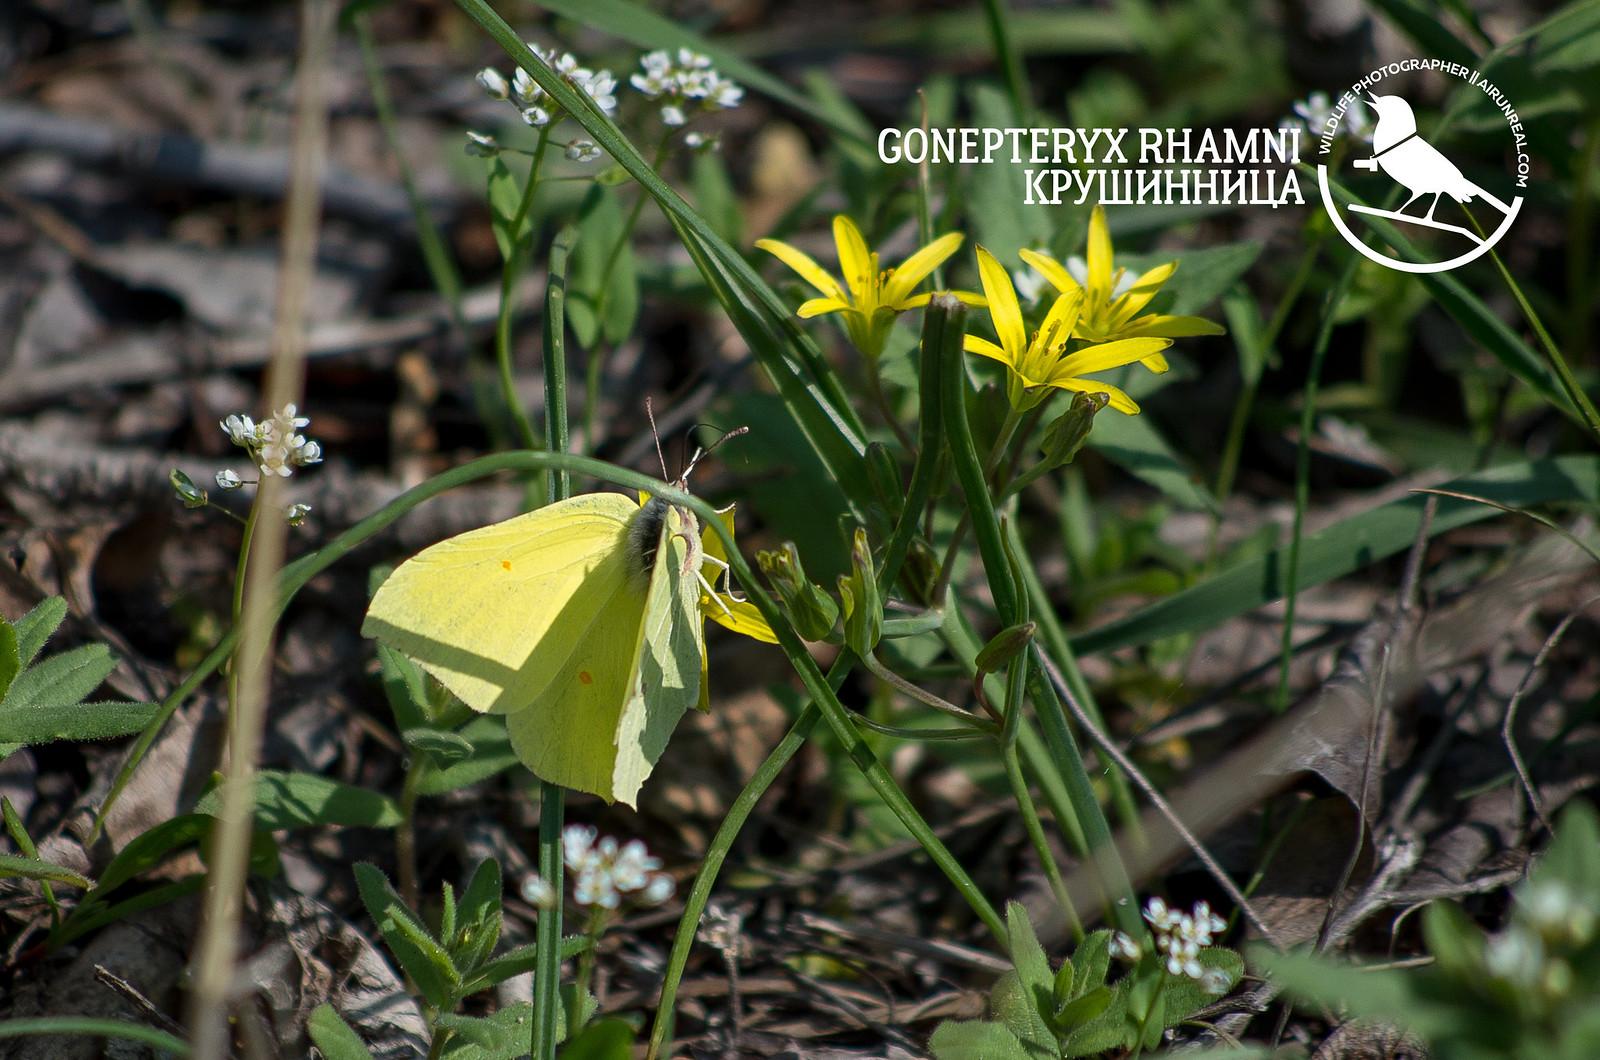 Gonepteryx rhamni // 20170709